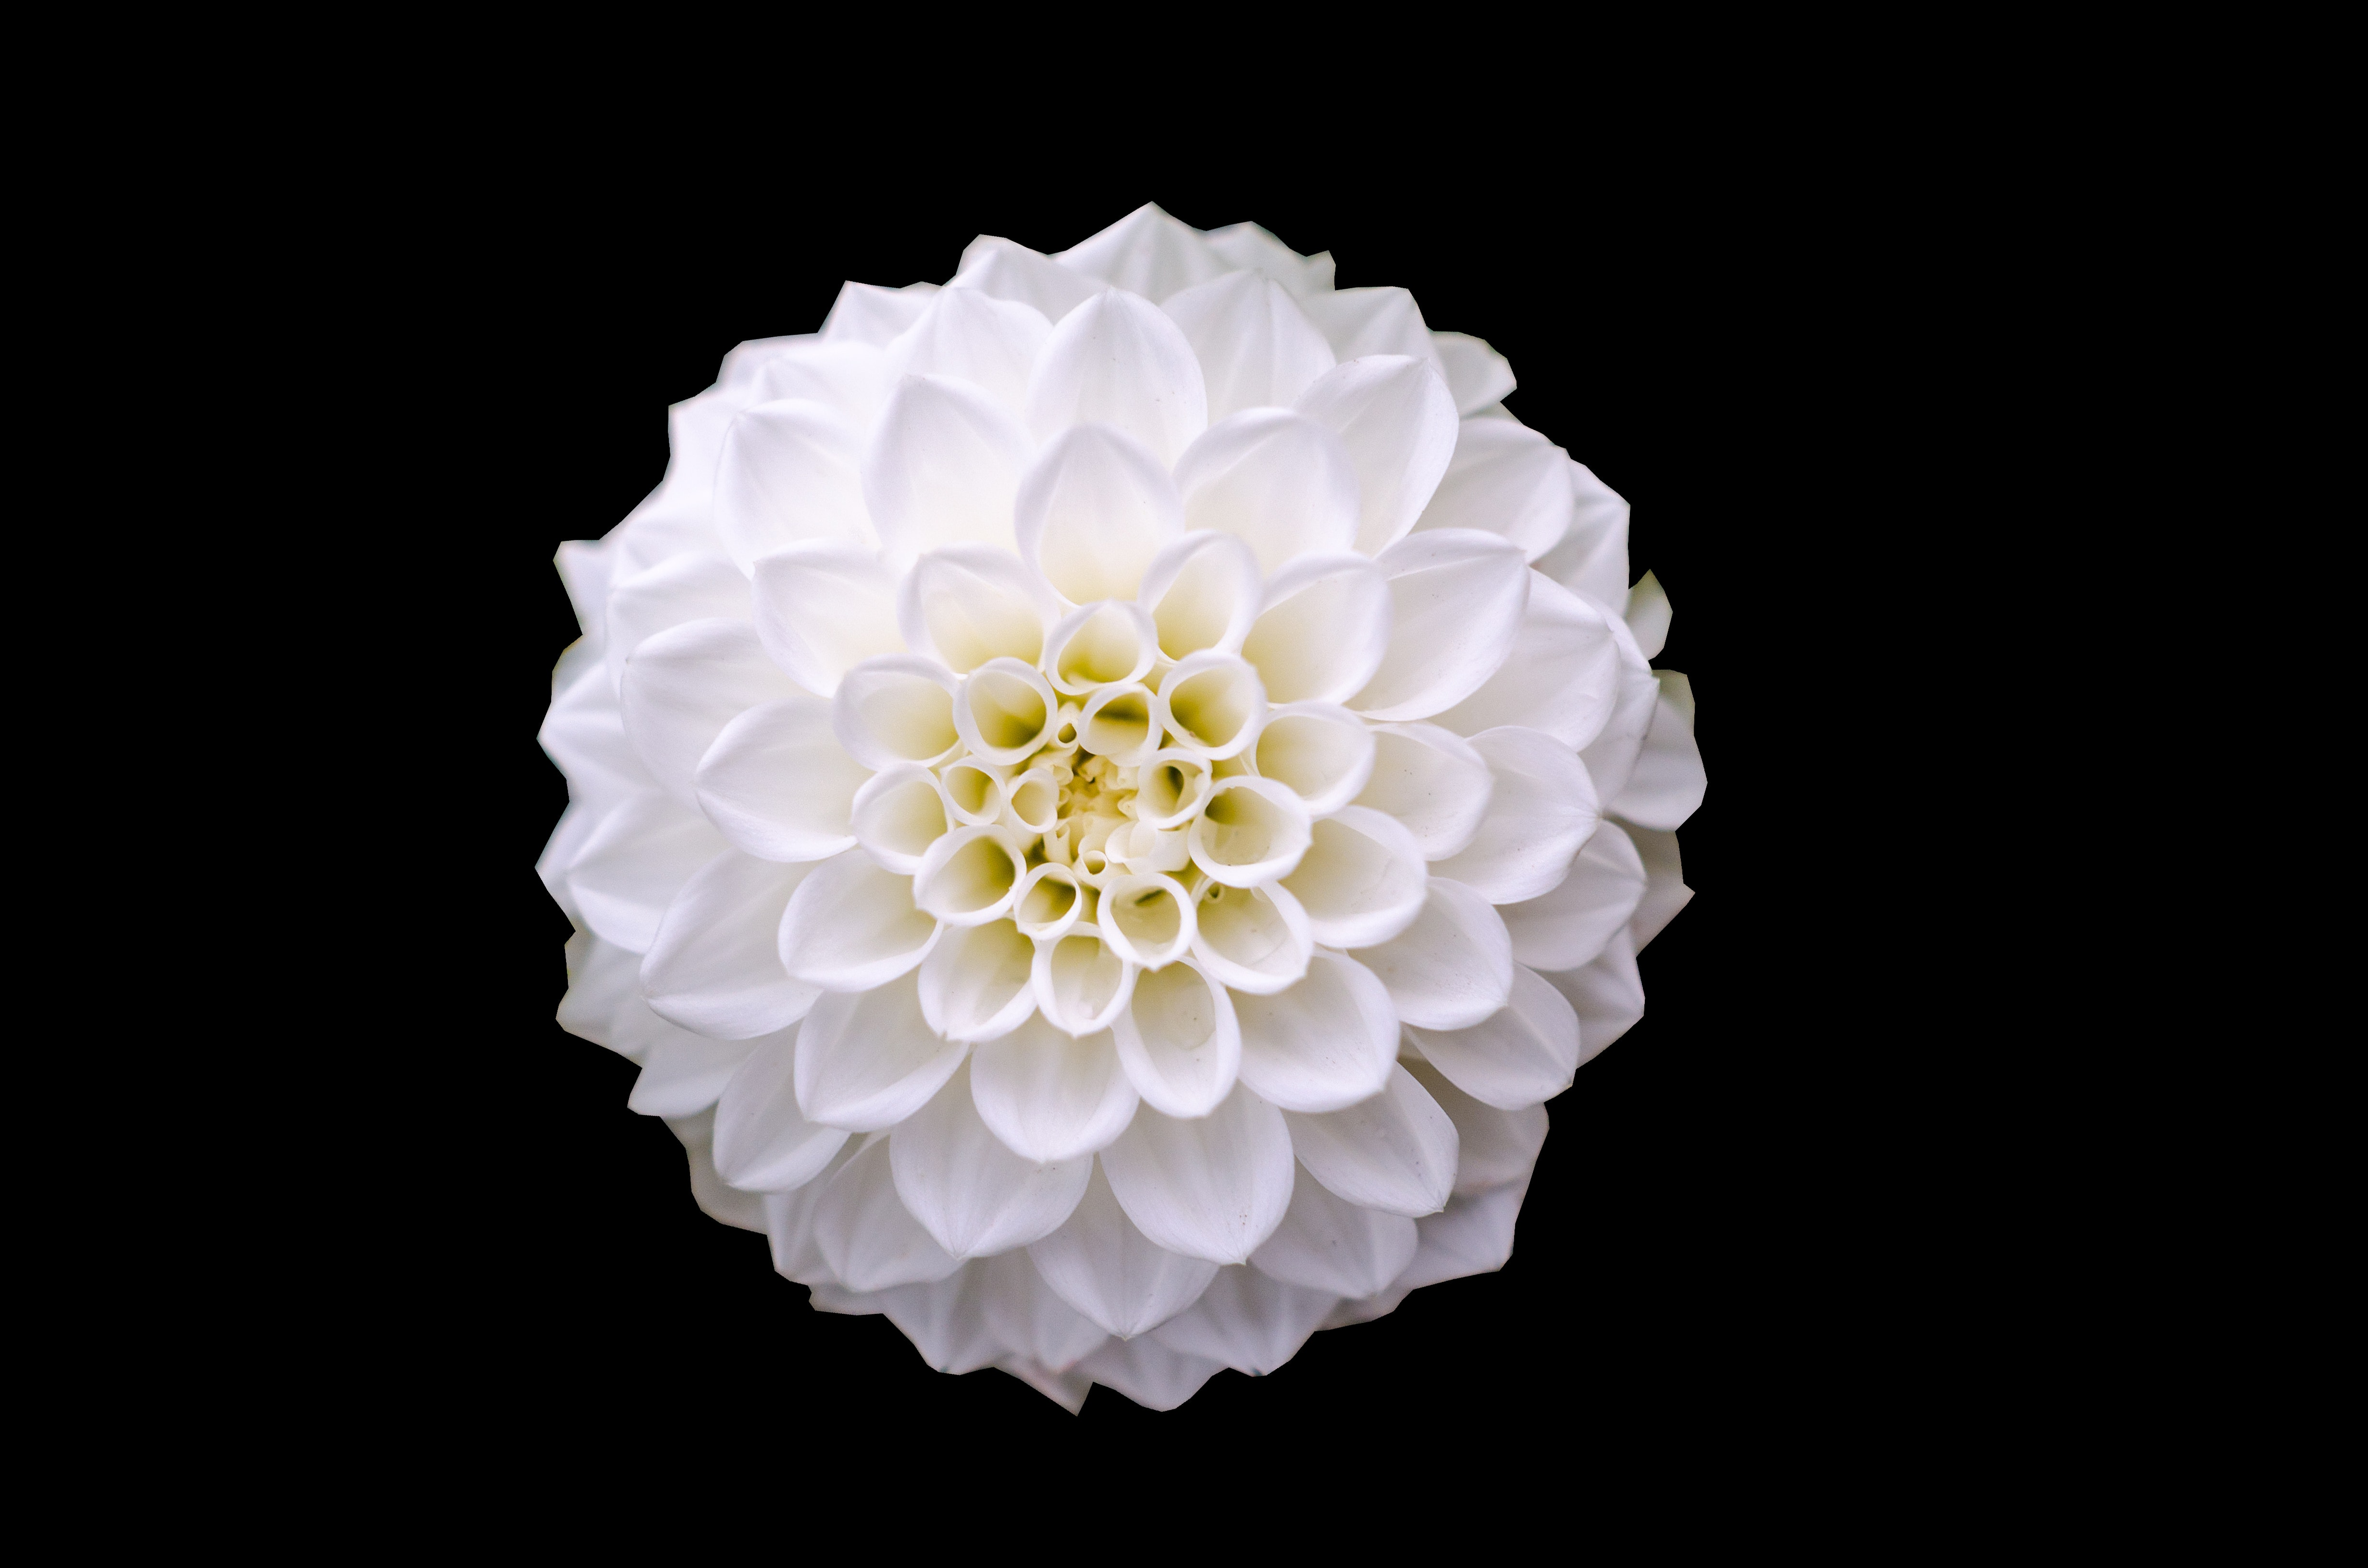 Macro shot of white flower photo